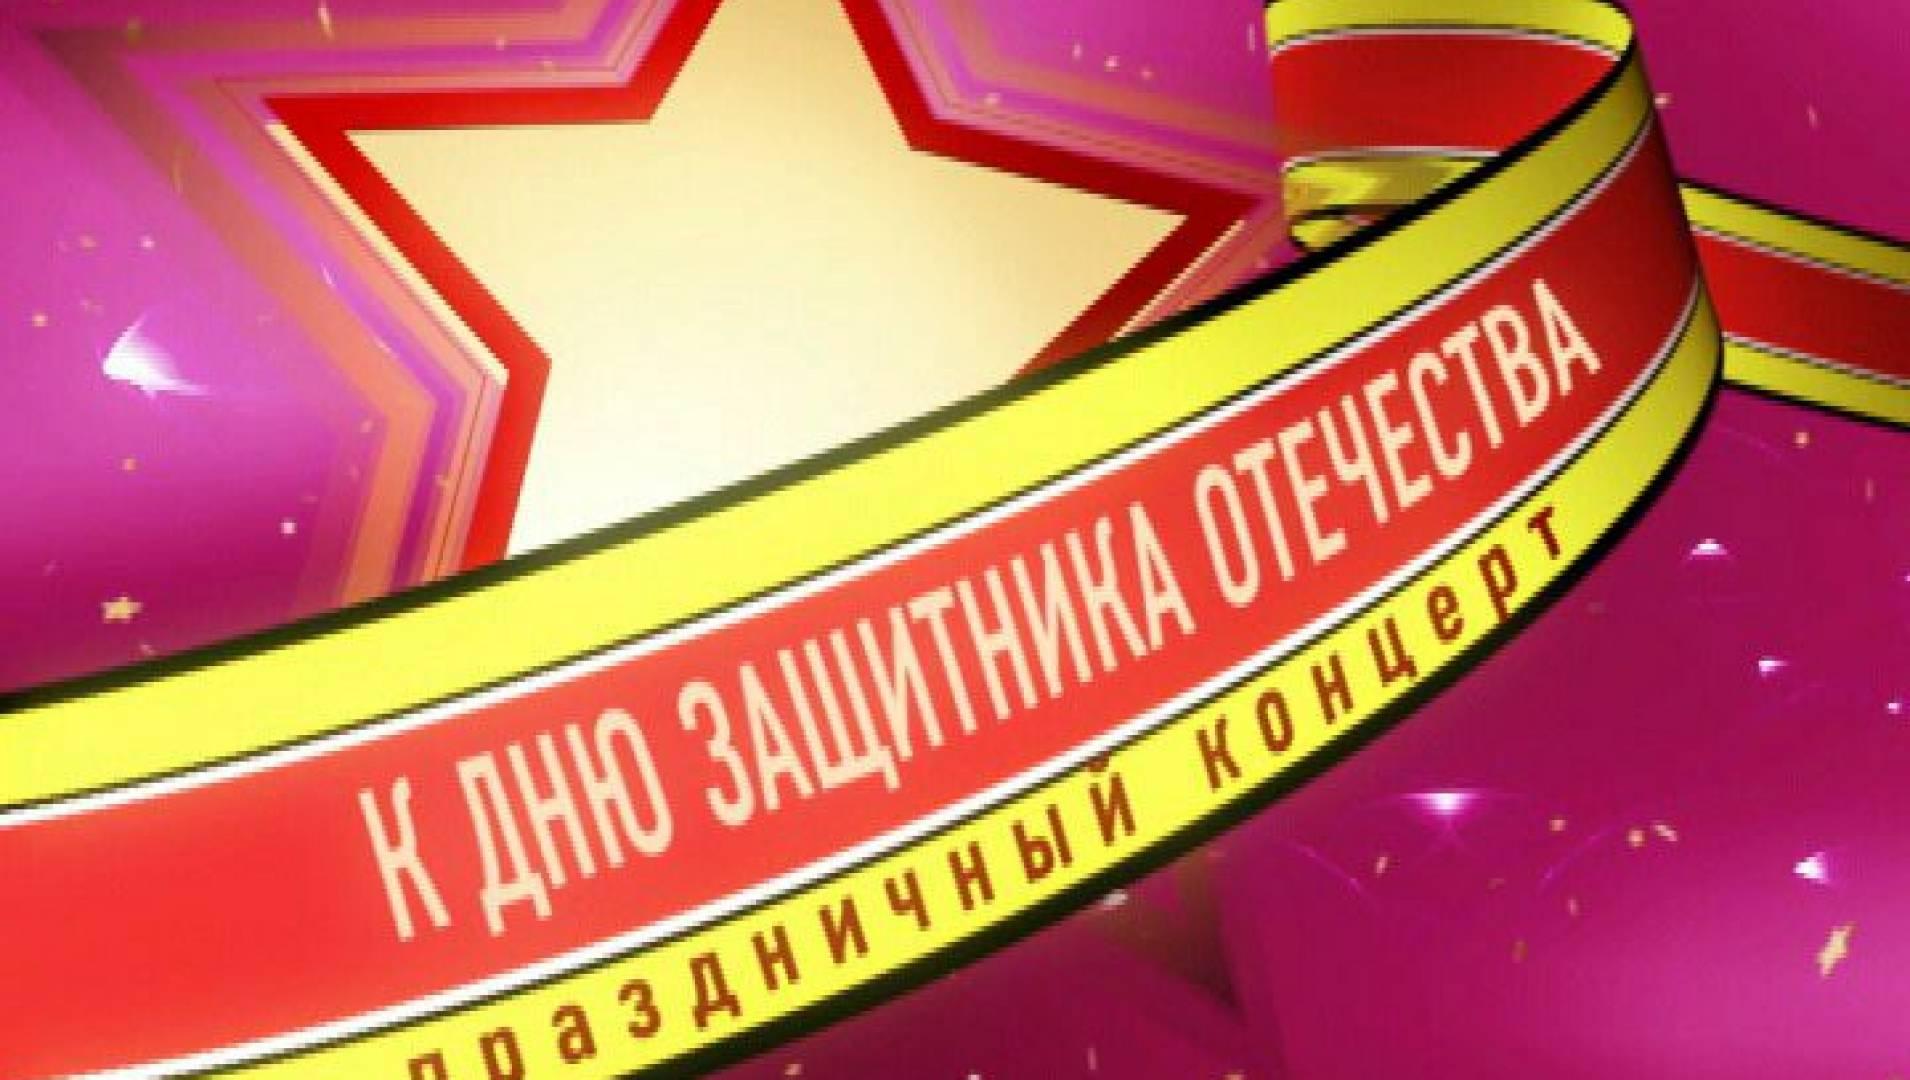 Праздничный концерт коДню защитника Отечества - Концерт